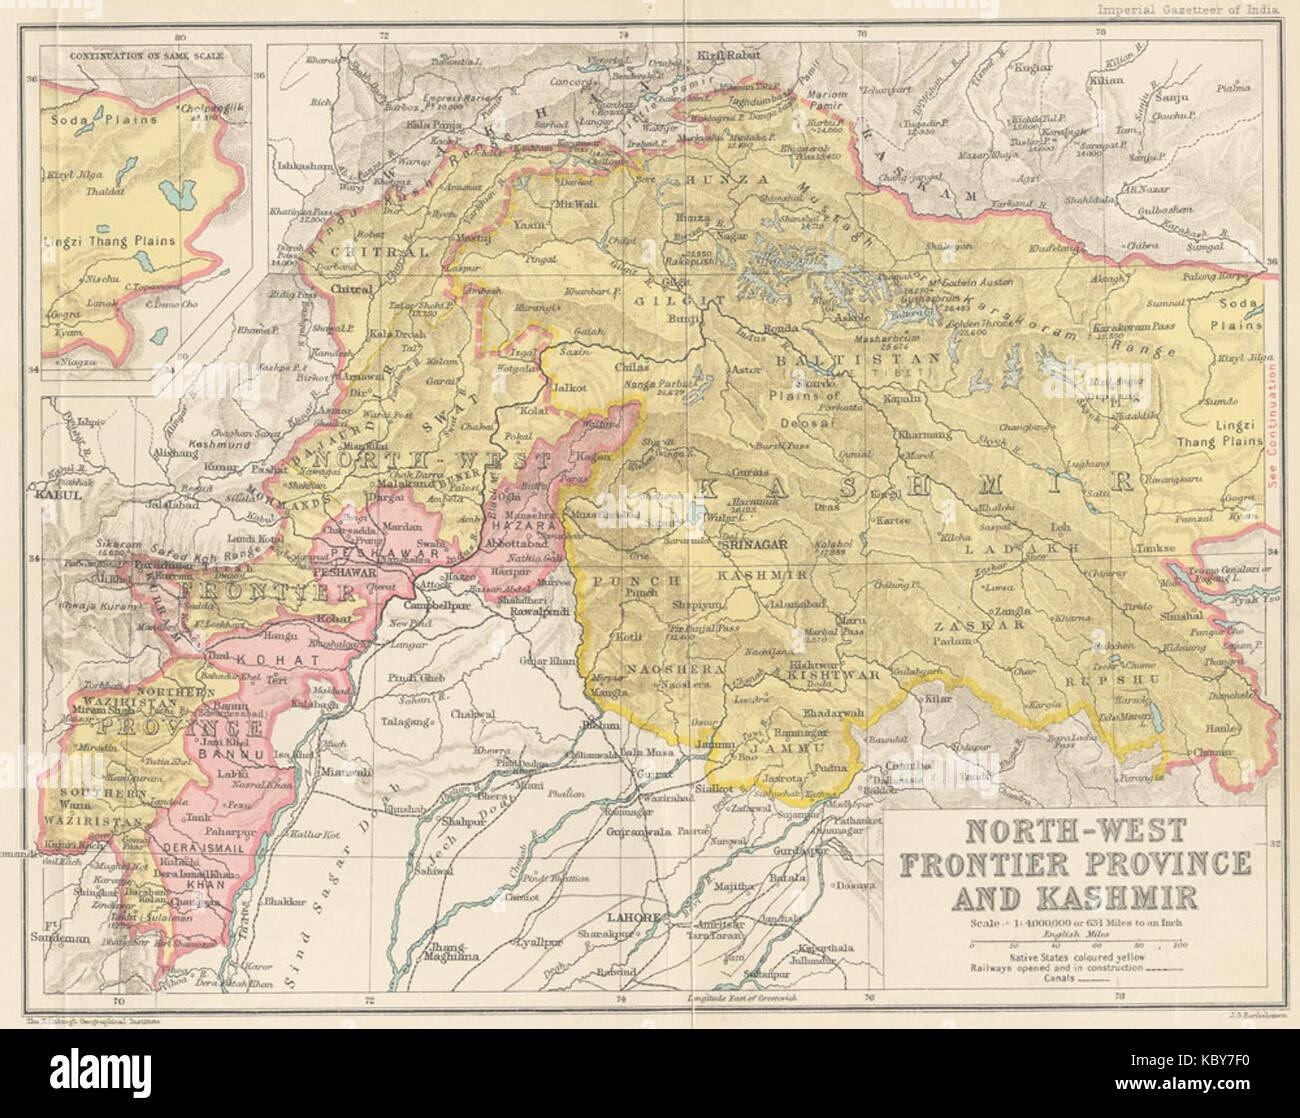 Cartina Dell India Del Nord.Mappa Della Provincia Di Frontiera Del Nord Ovest E Del Kashmir Dal Dizionario Geografico Imperiale Dell India 1907 1909 Foto Stock Alamy